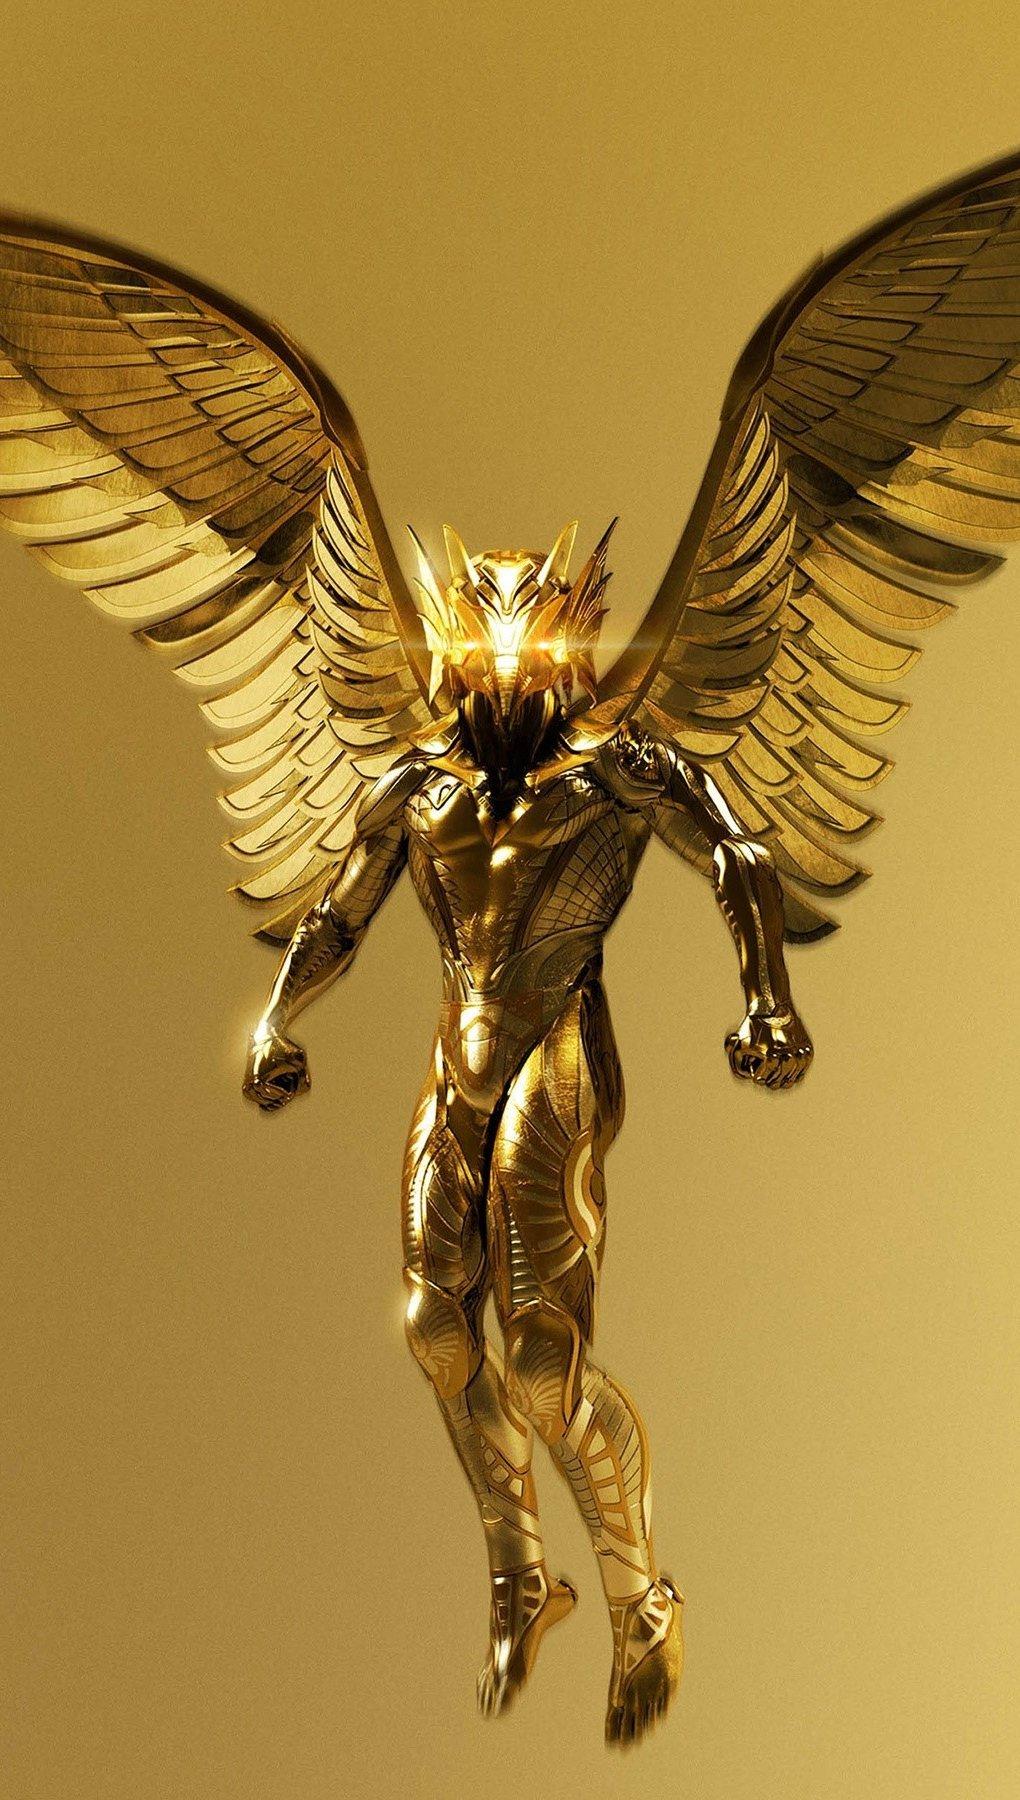 Fondos de pantalla Dioses de Egipto Vertical